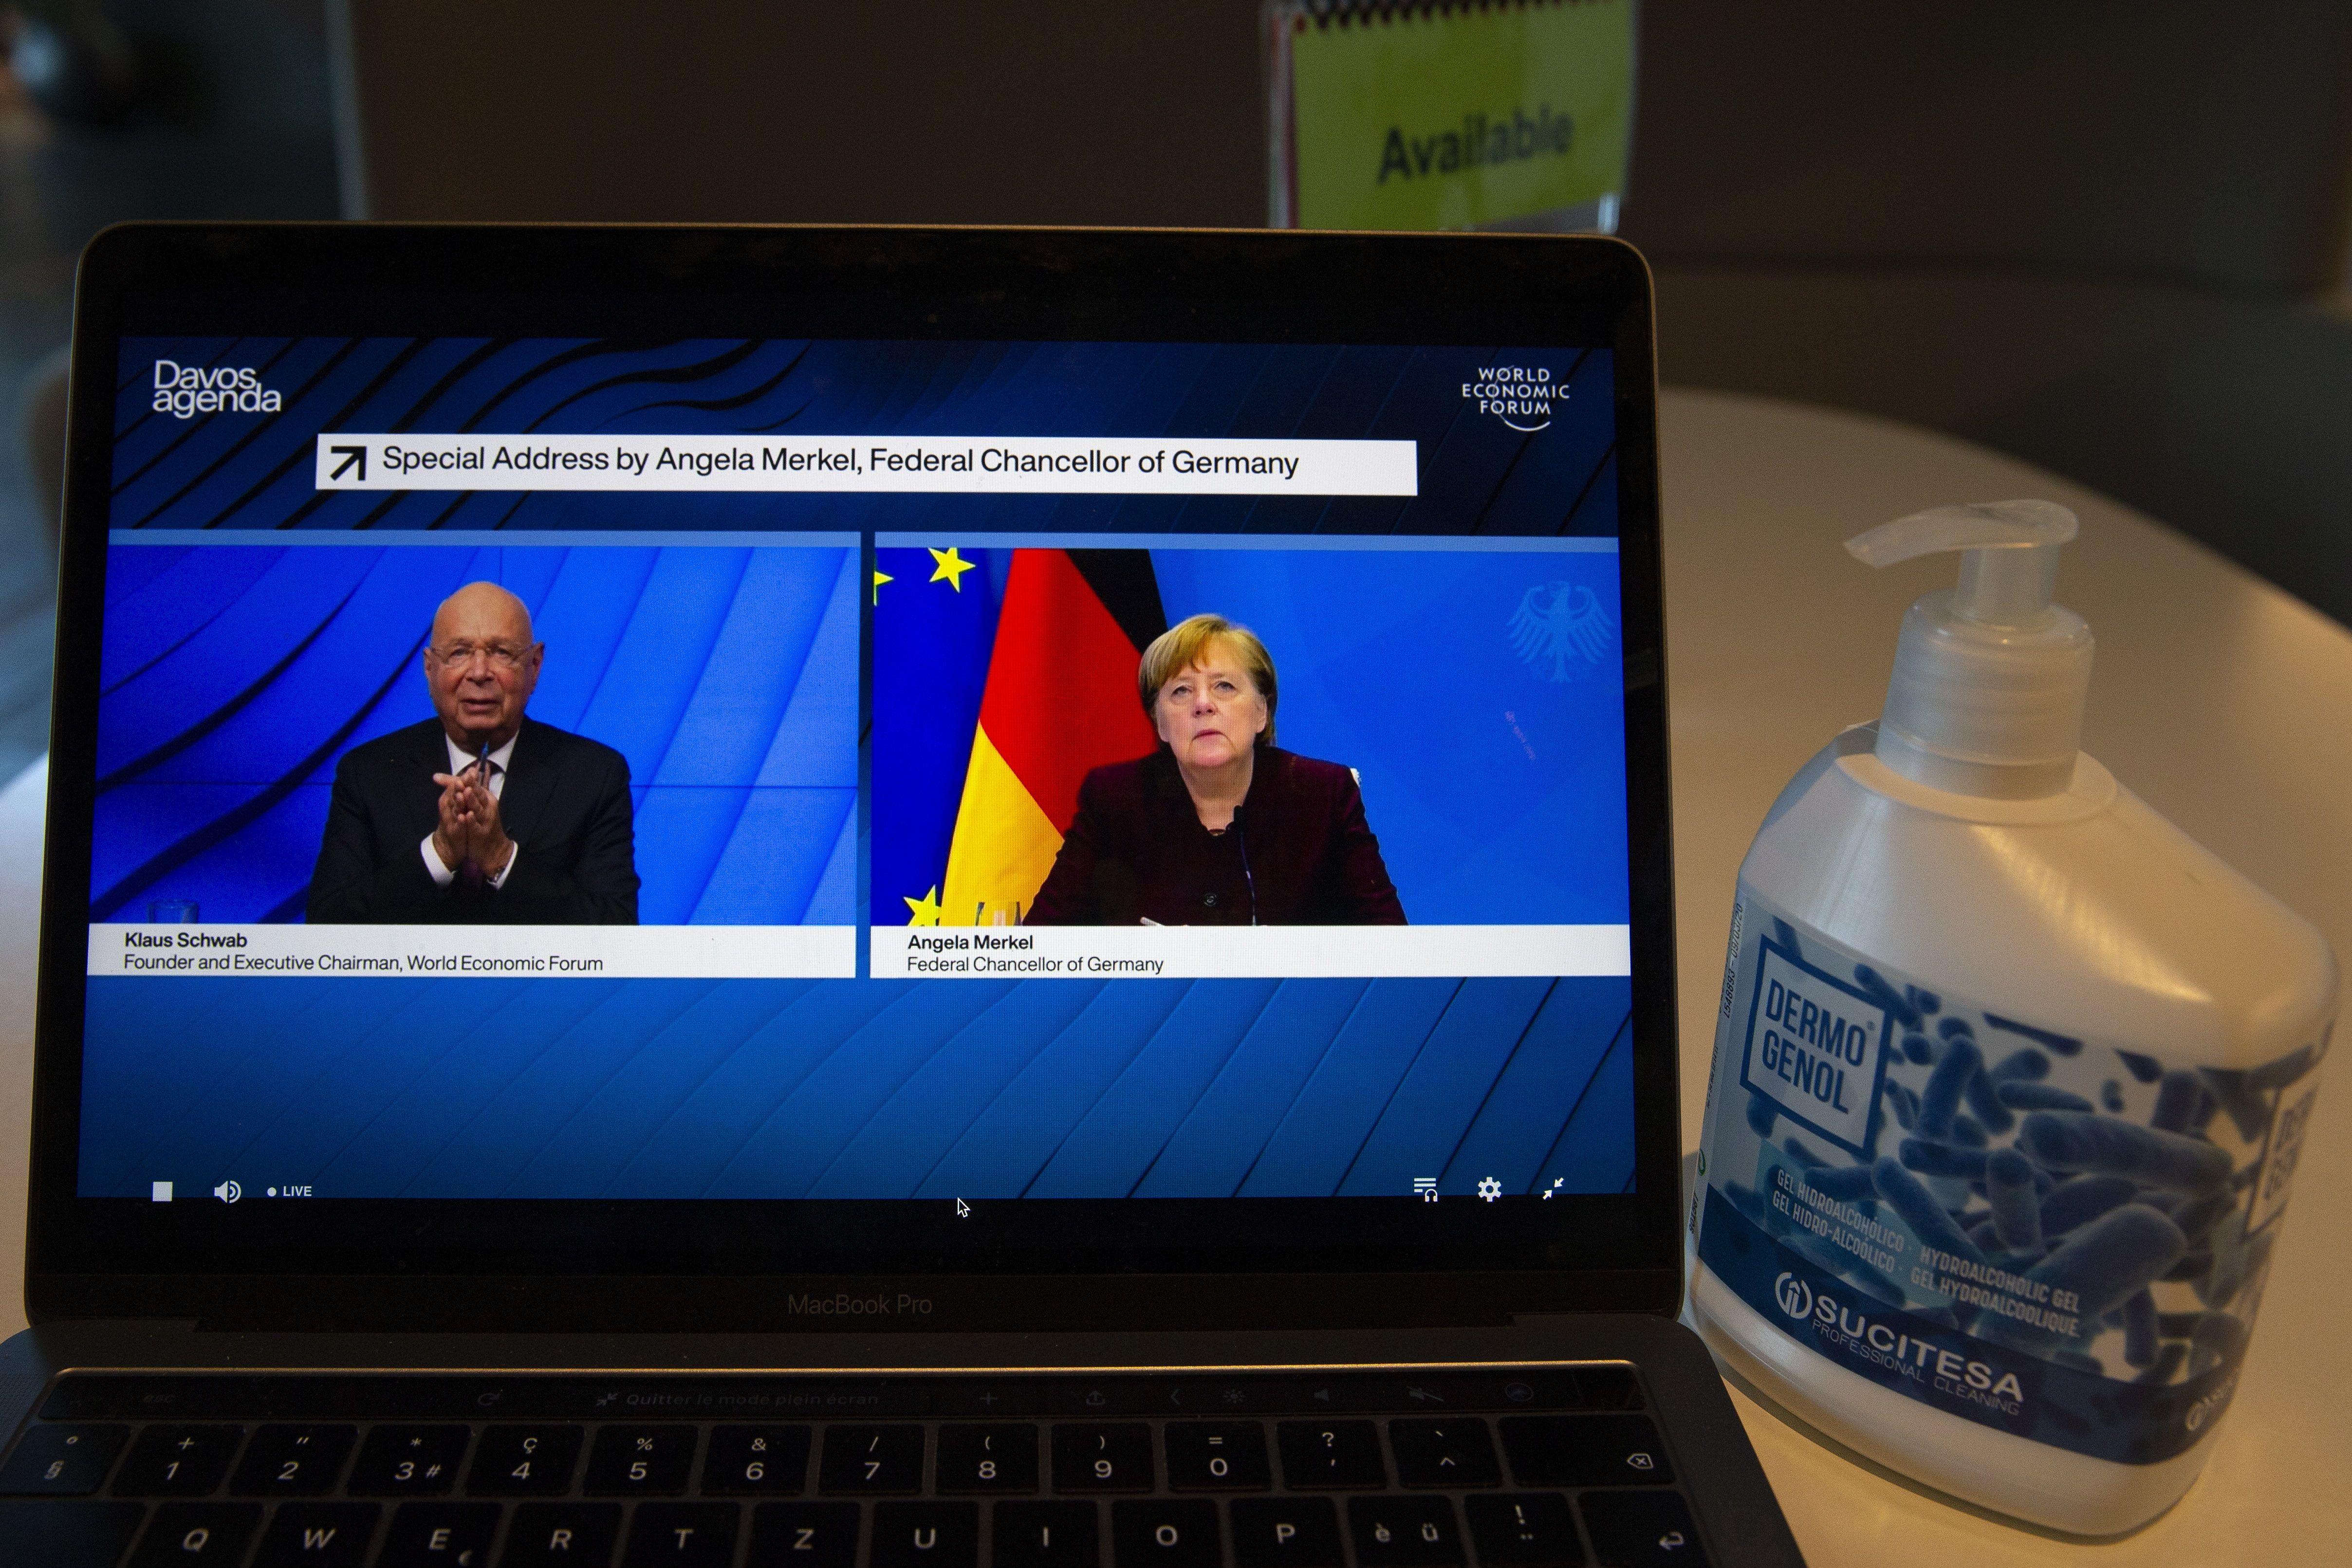 El Foro de Davos se realiza este año de forma virtual por la pandemia (Foto: EFE/EPA/SALVATORE DI NOLFI)